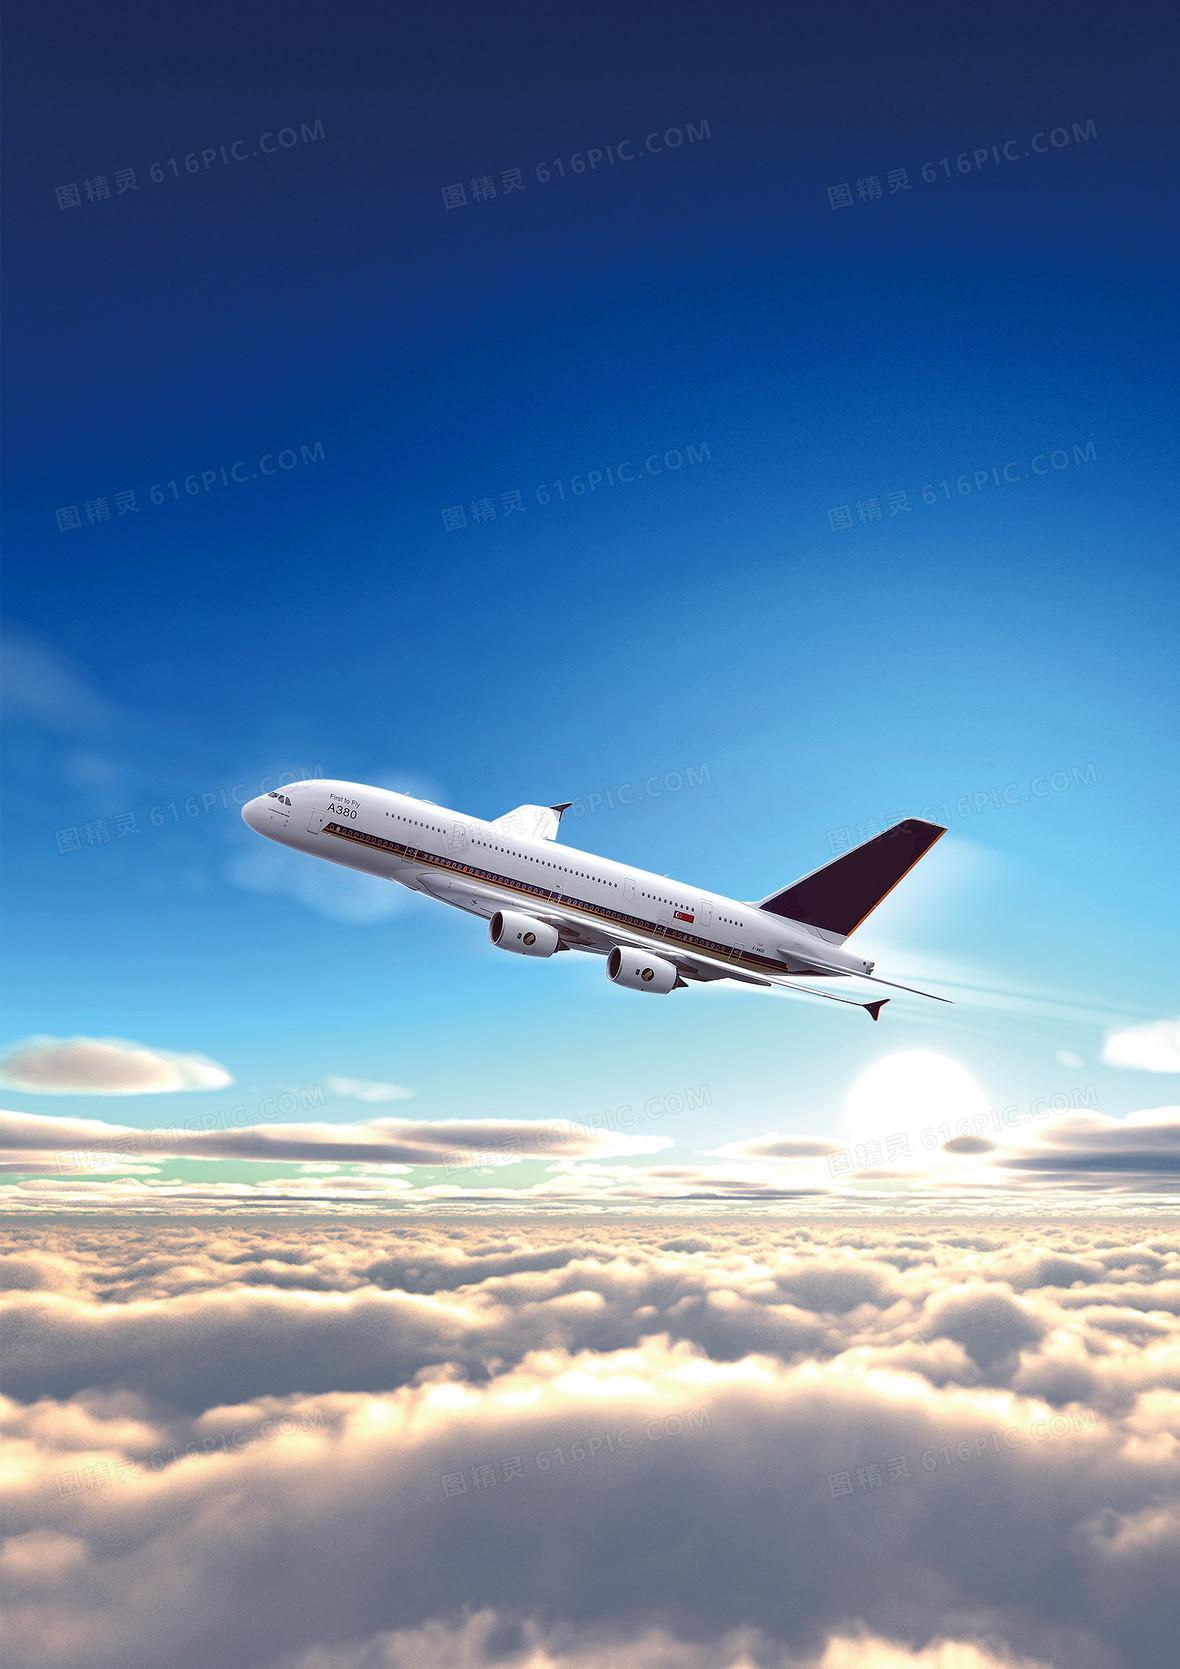 航空天空蓝宣传单背景素材